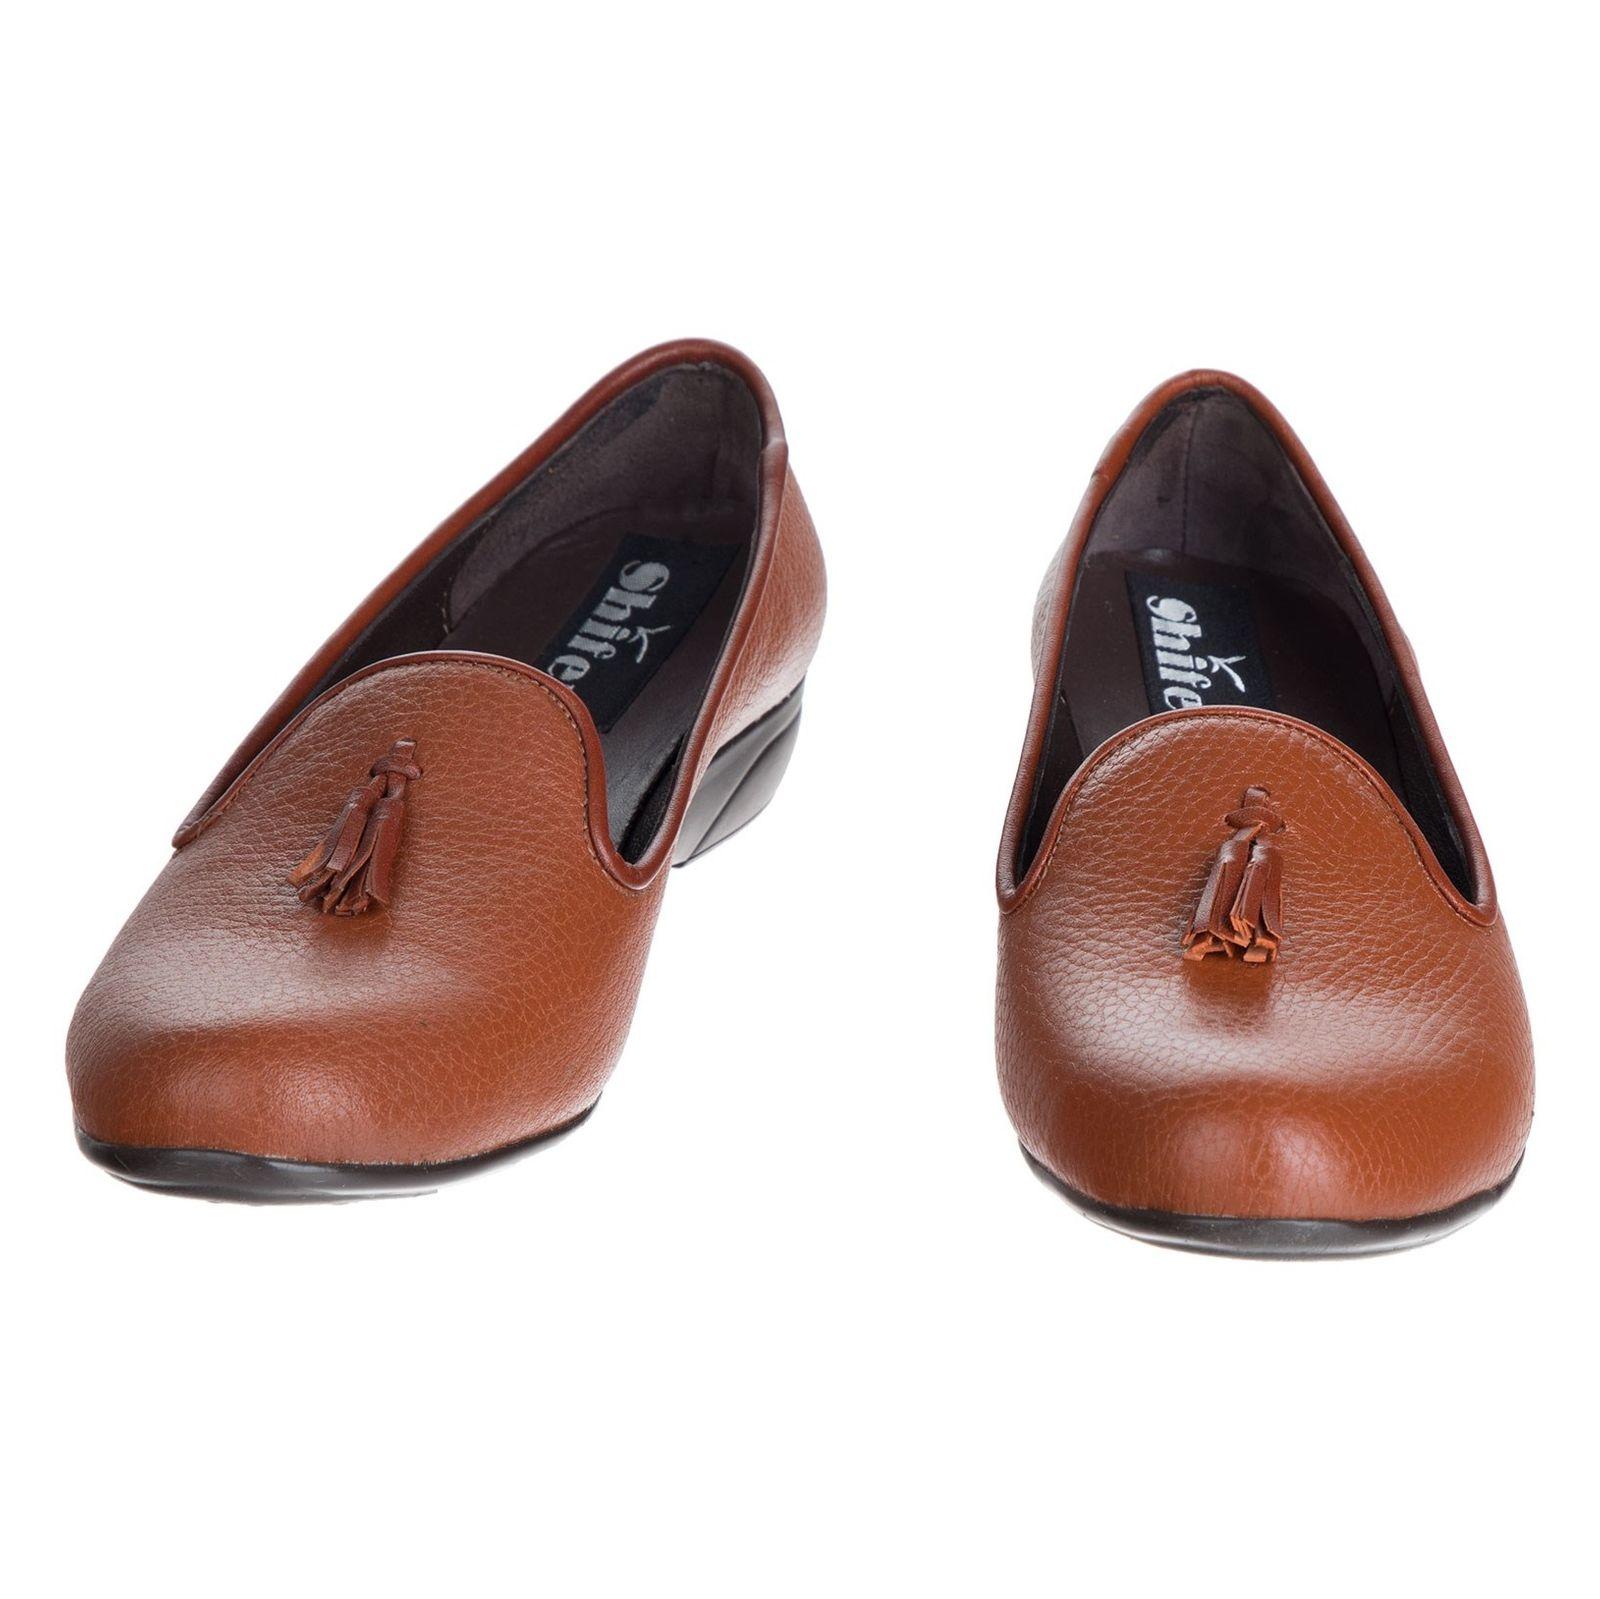 کفش تخت چرم زنانه - شیفر - عسلی - 4